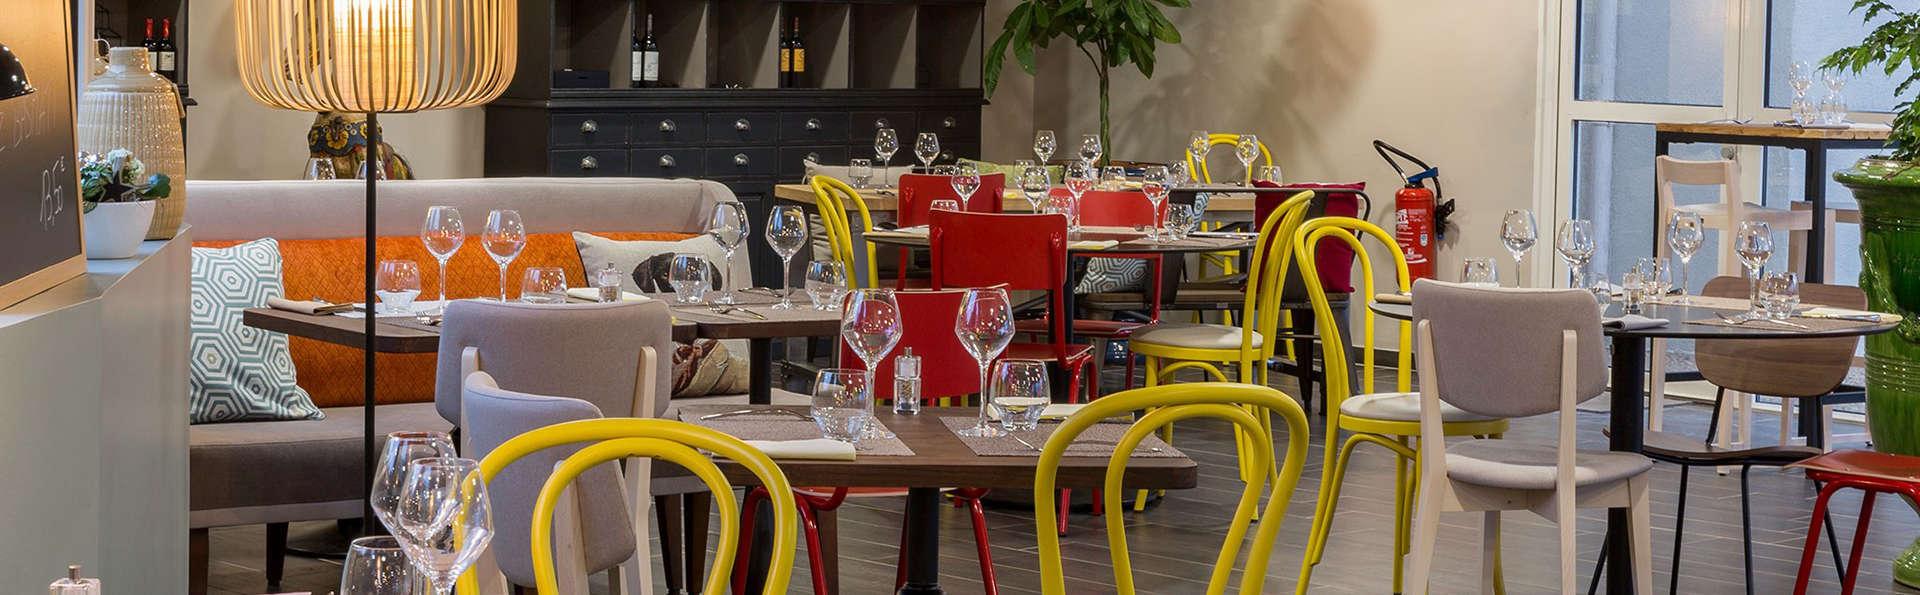 Délices culinaires entre Blois et Orléans